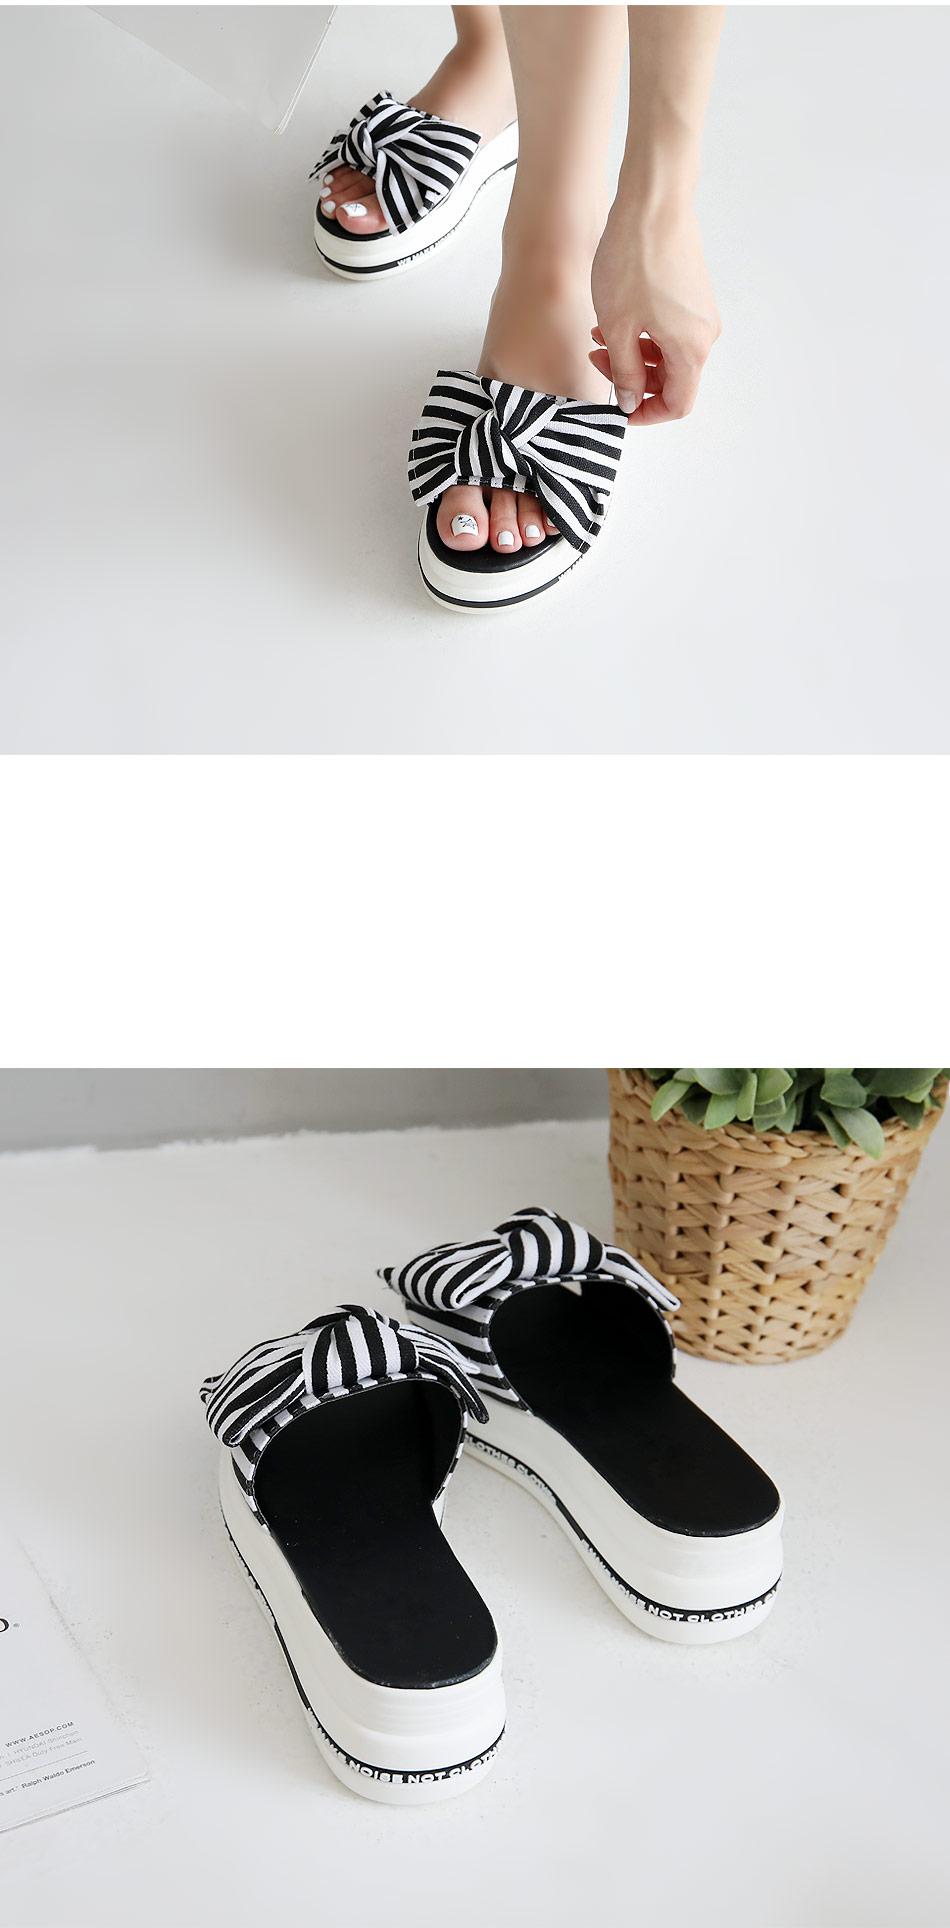 Sweetie Tongue Mule Slippers 5cm